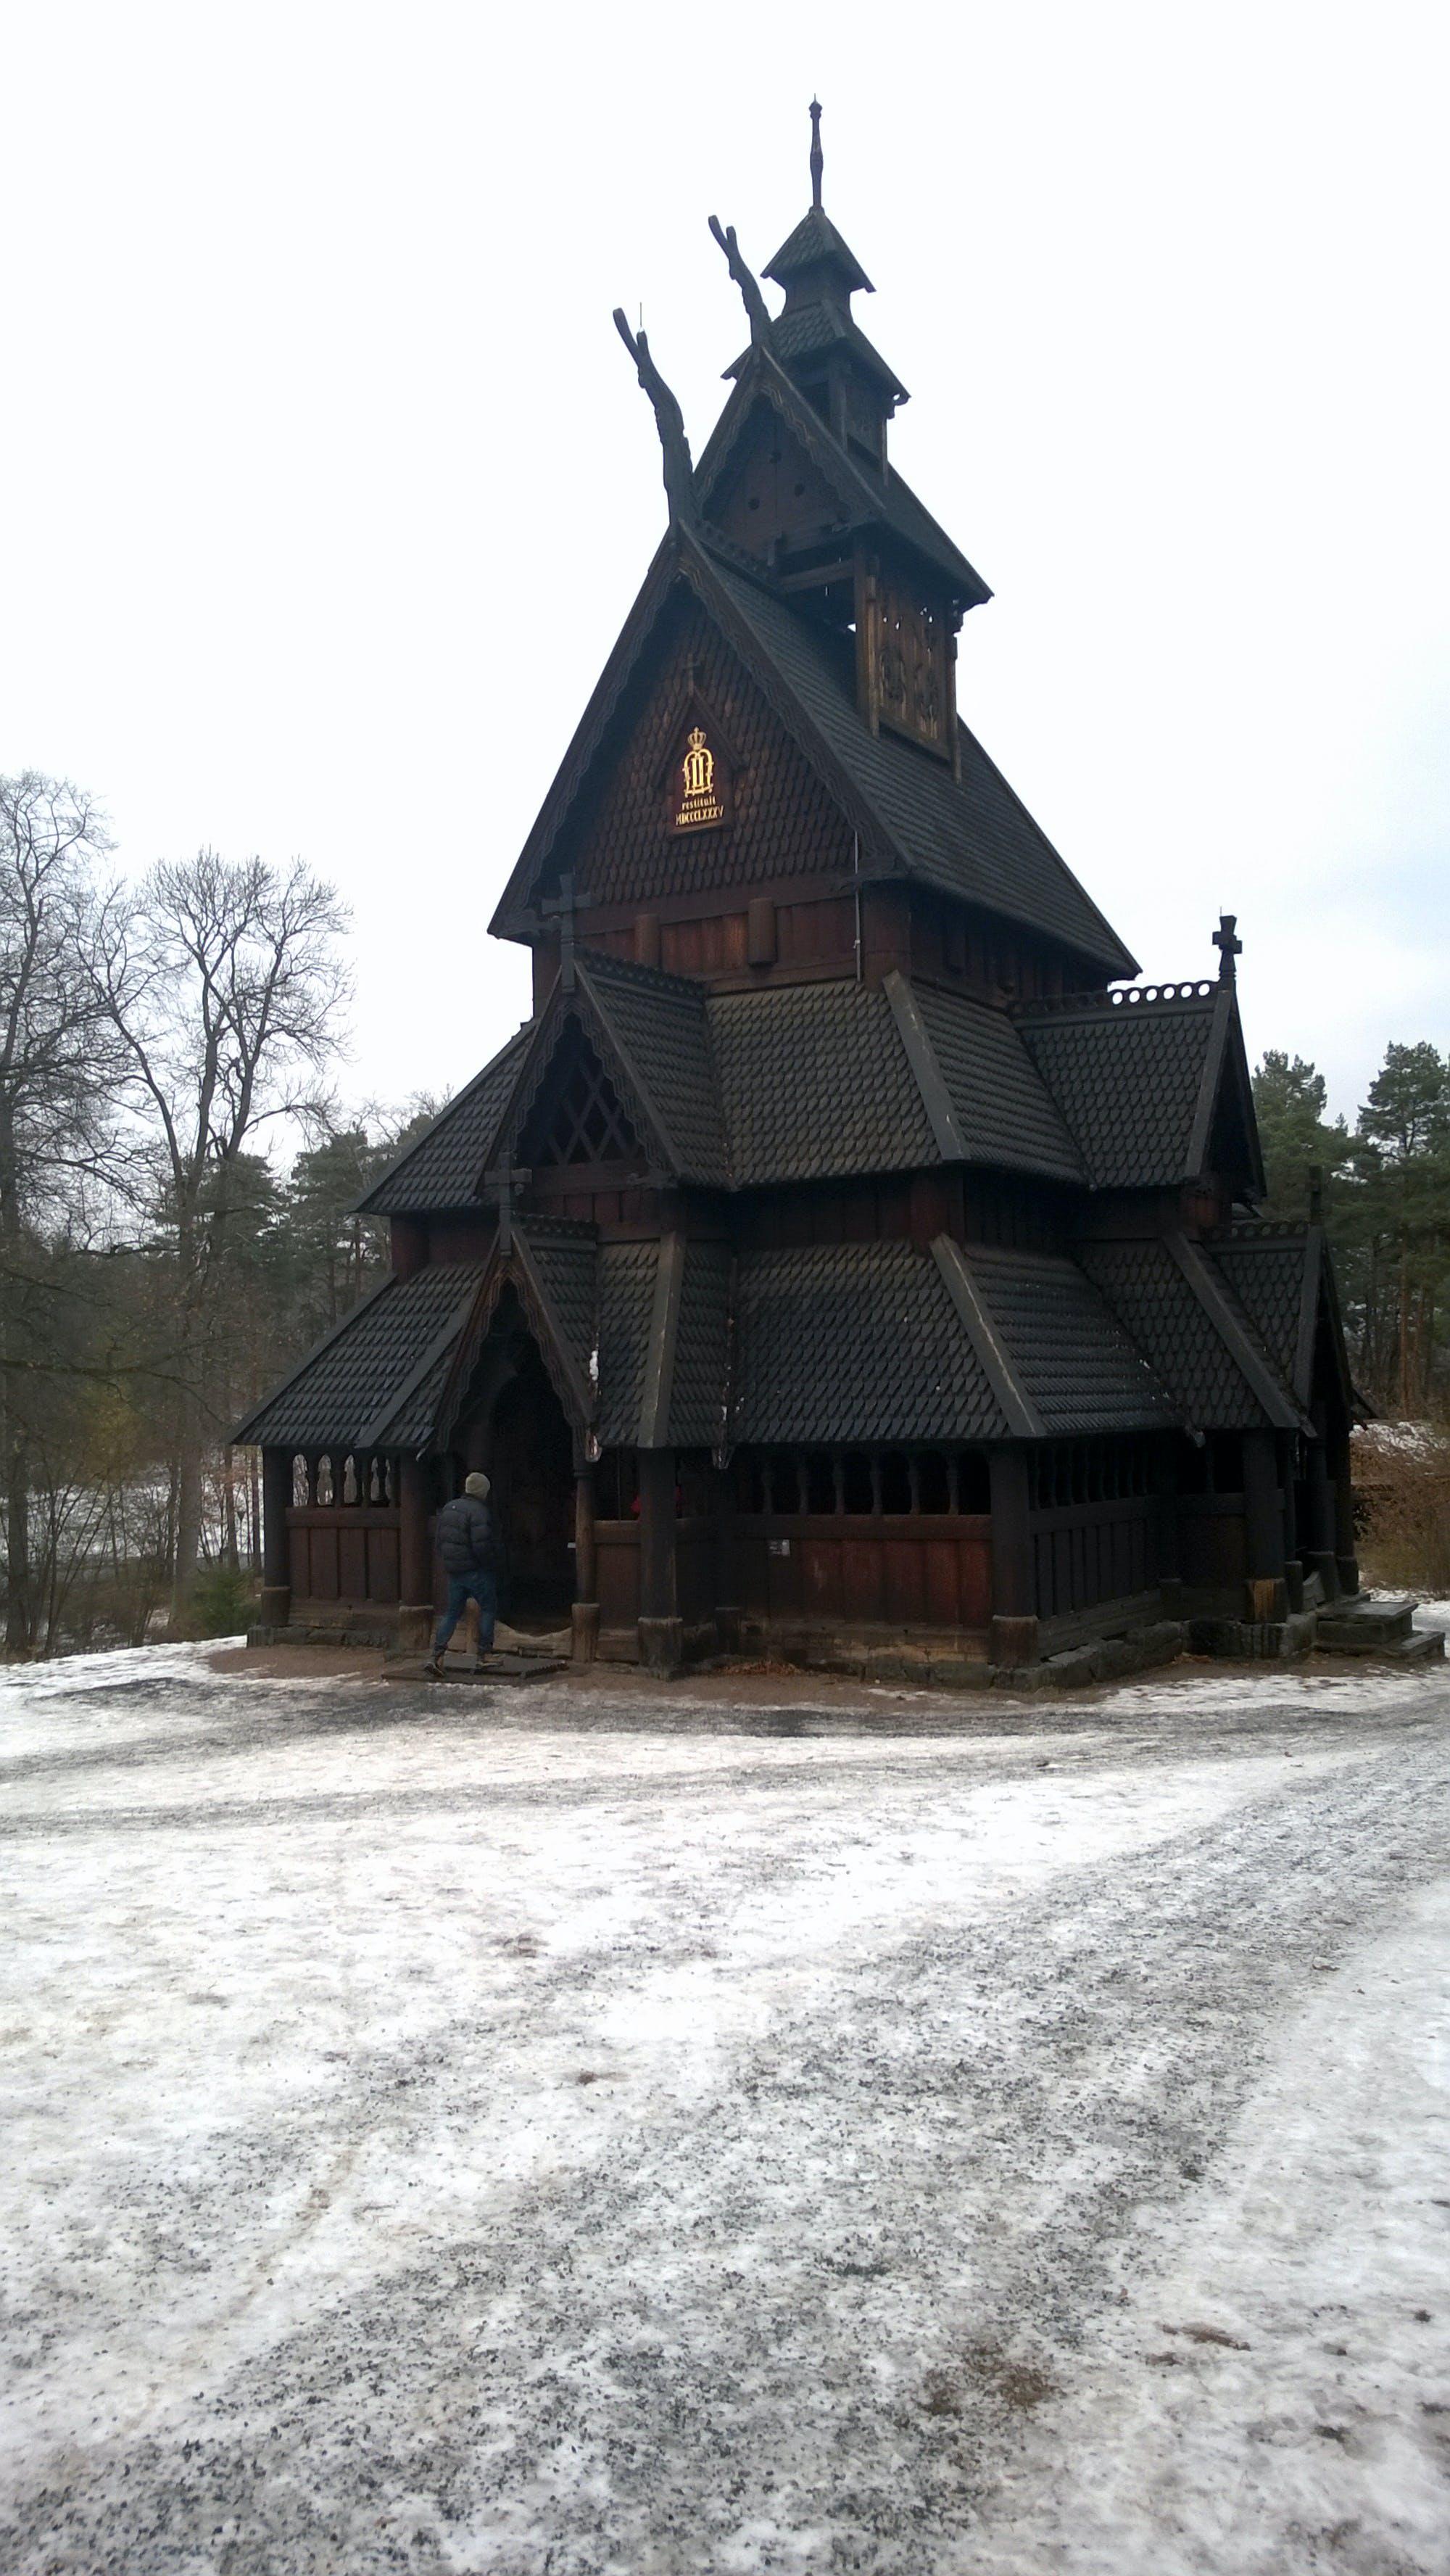 구멍을 뚫는 교회, 노르웨이, 스타 빌 커크, 오슬로의 무료 스톡 사진